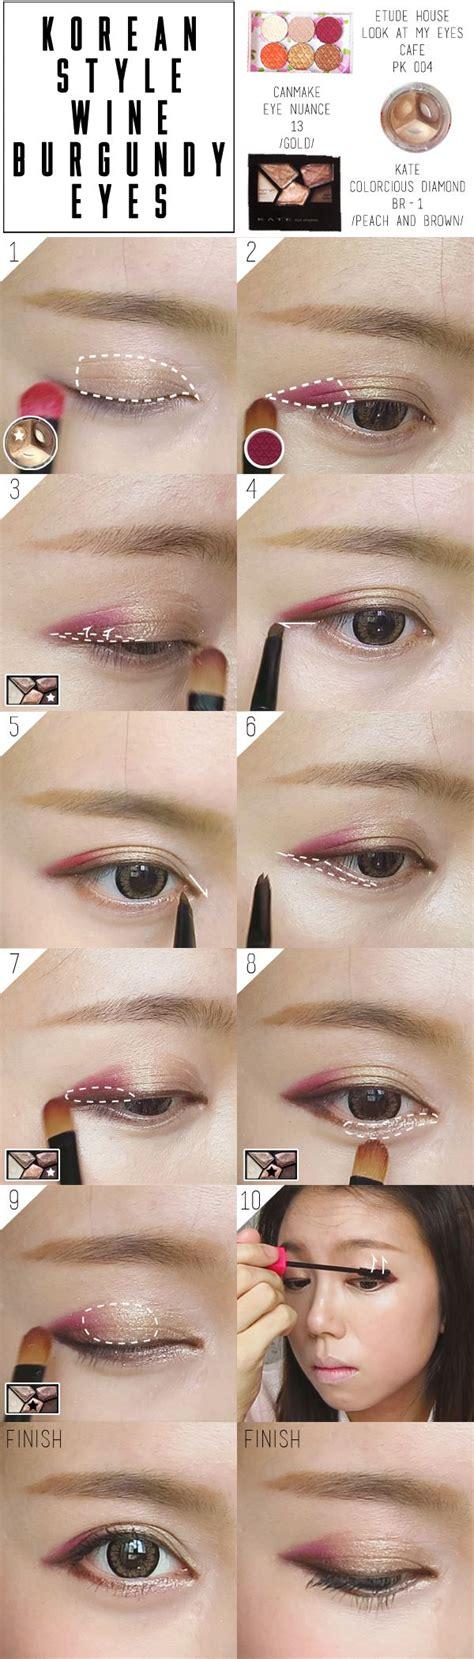 tutorial makeup ulzzang korean korean ulzzang burgundy makeup fall tutorial pictorial